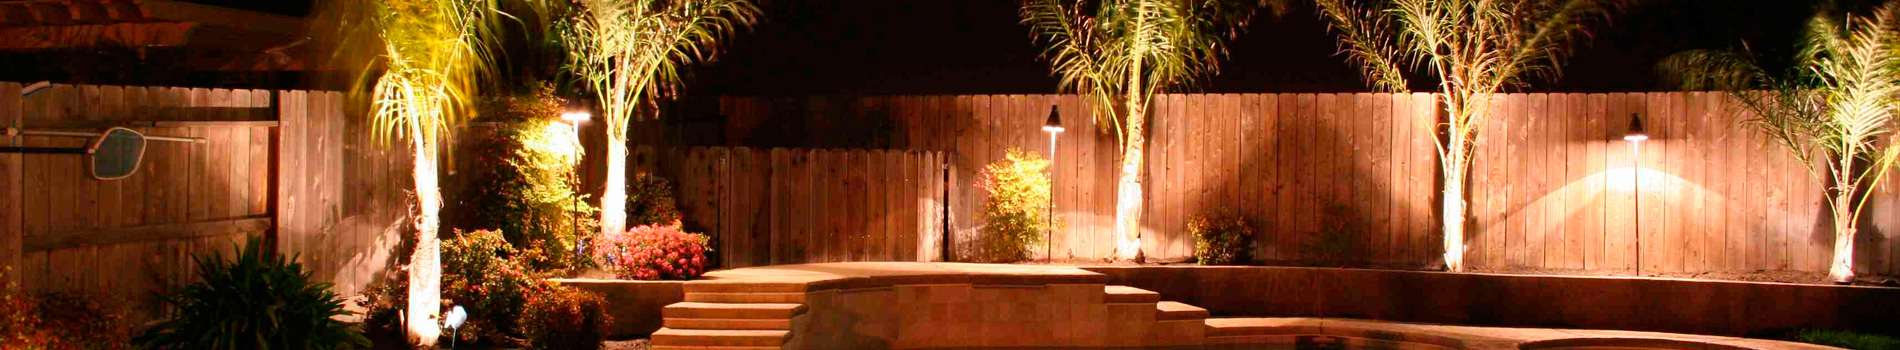 Lumipro iluminacion de exterior monterrey iluminacion para for Luces para jardin exterior